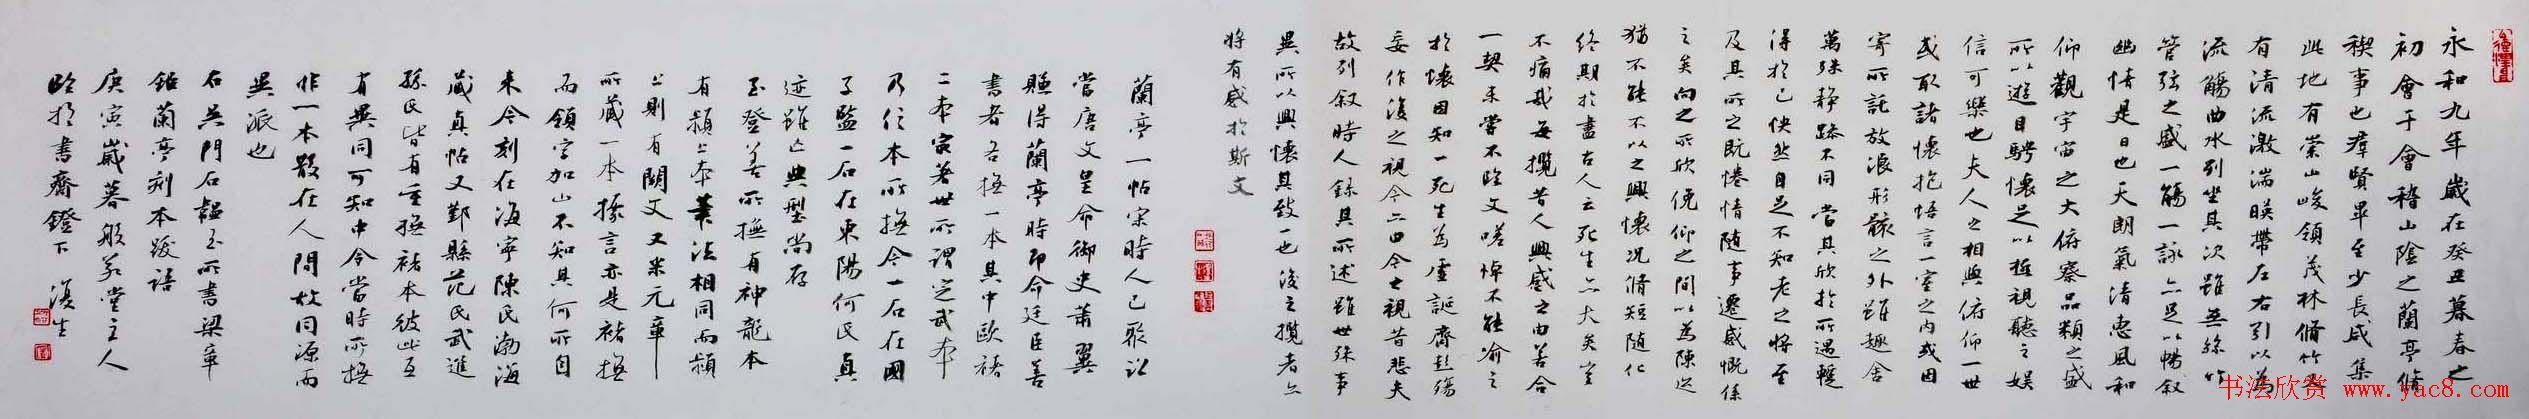 吴行行书作品欣赏兰亭序卷